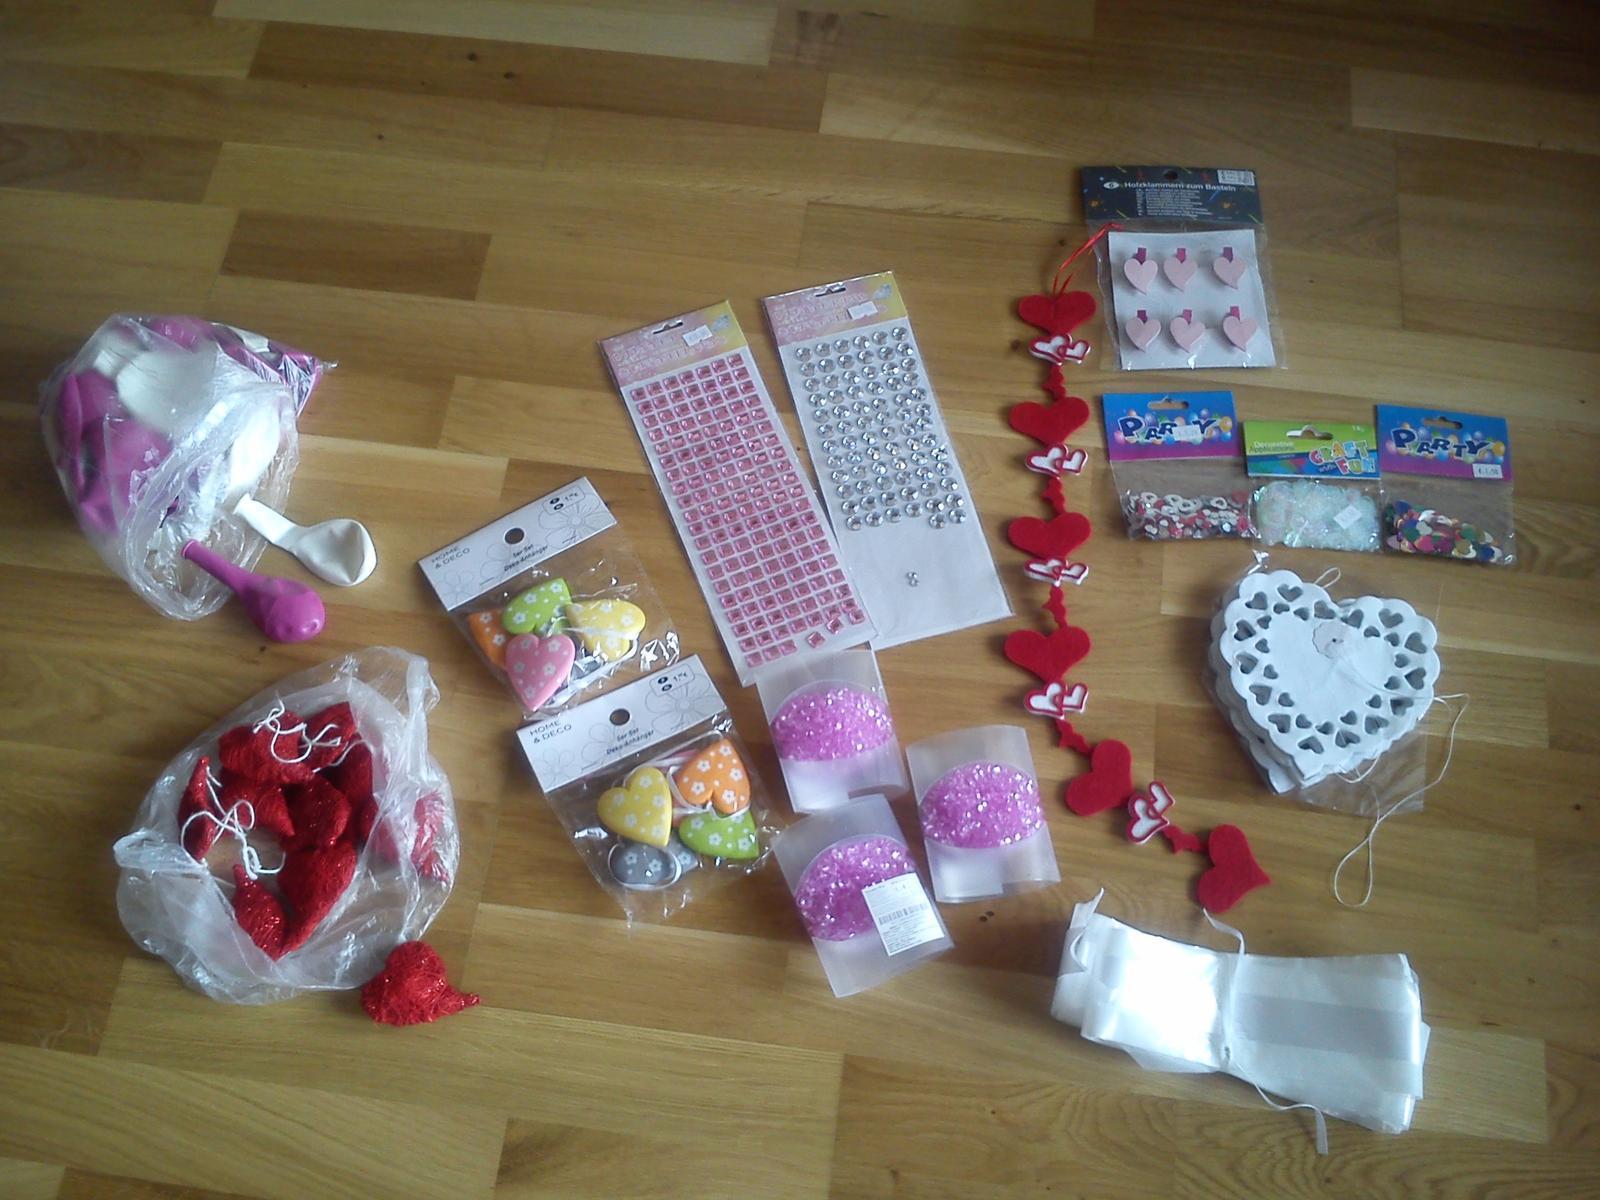 Výzdoba,dekorácie,srdcia,konfety - Obrázok č. 1